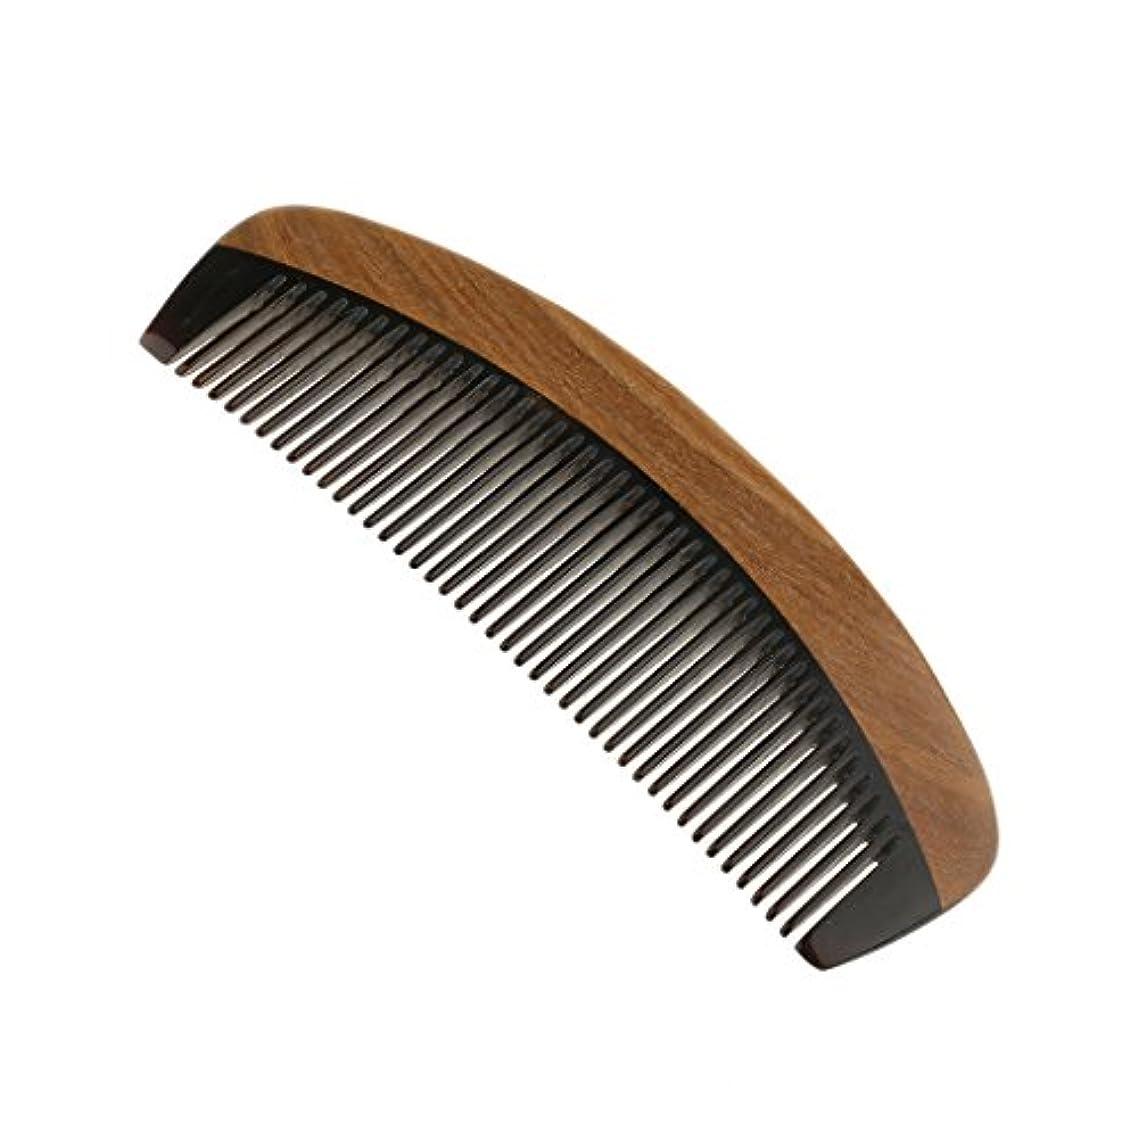 メンバー想像力豊かなじゃがいもウッドコーム 櫛 木製 ハンドメイド 静電気防止 高品質 マッサージ リラックス 便利